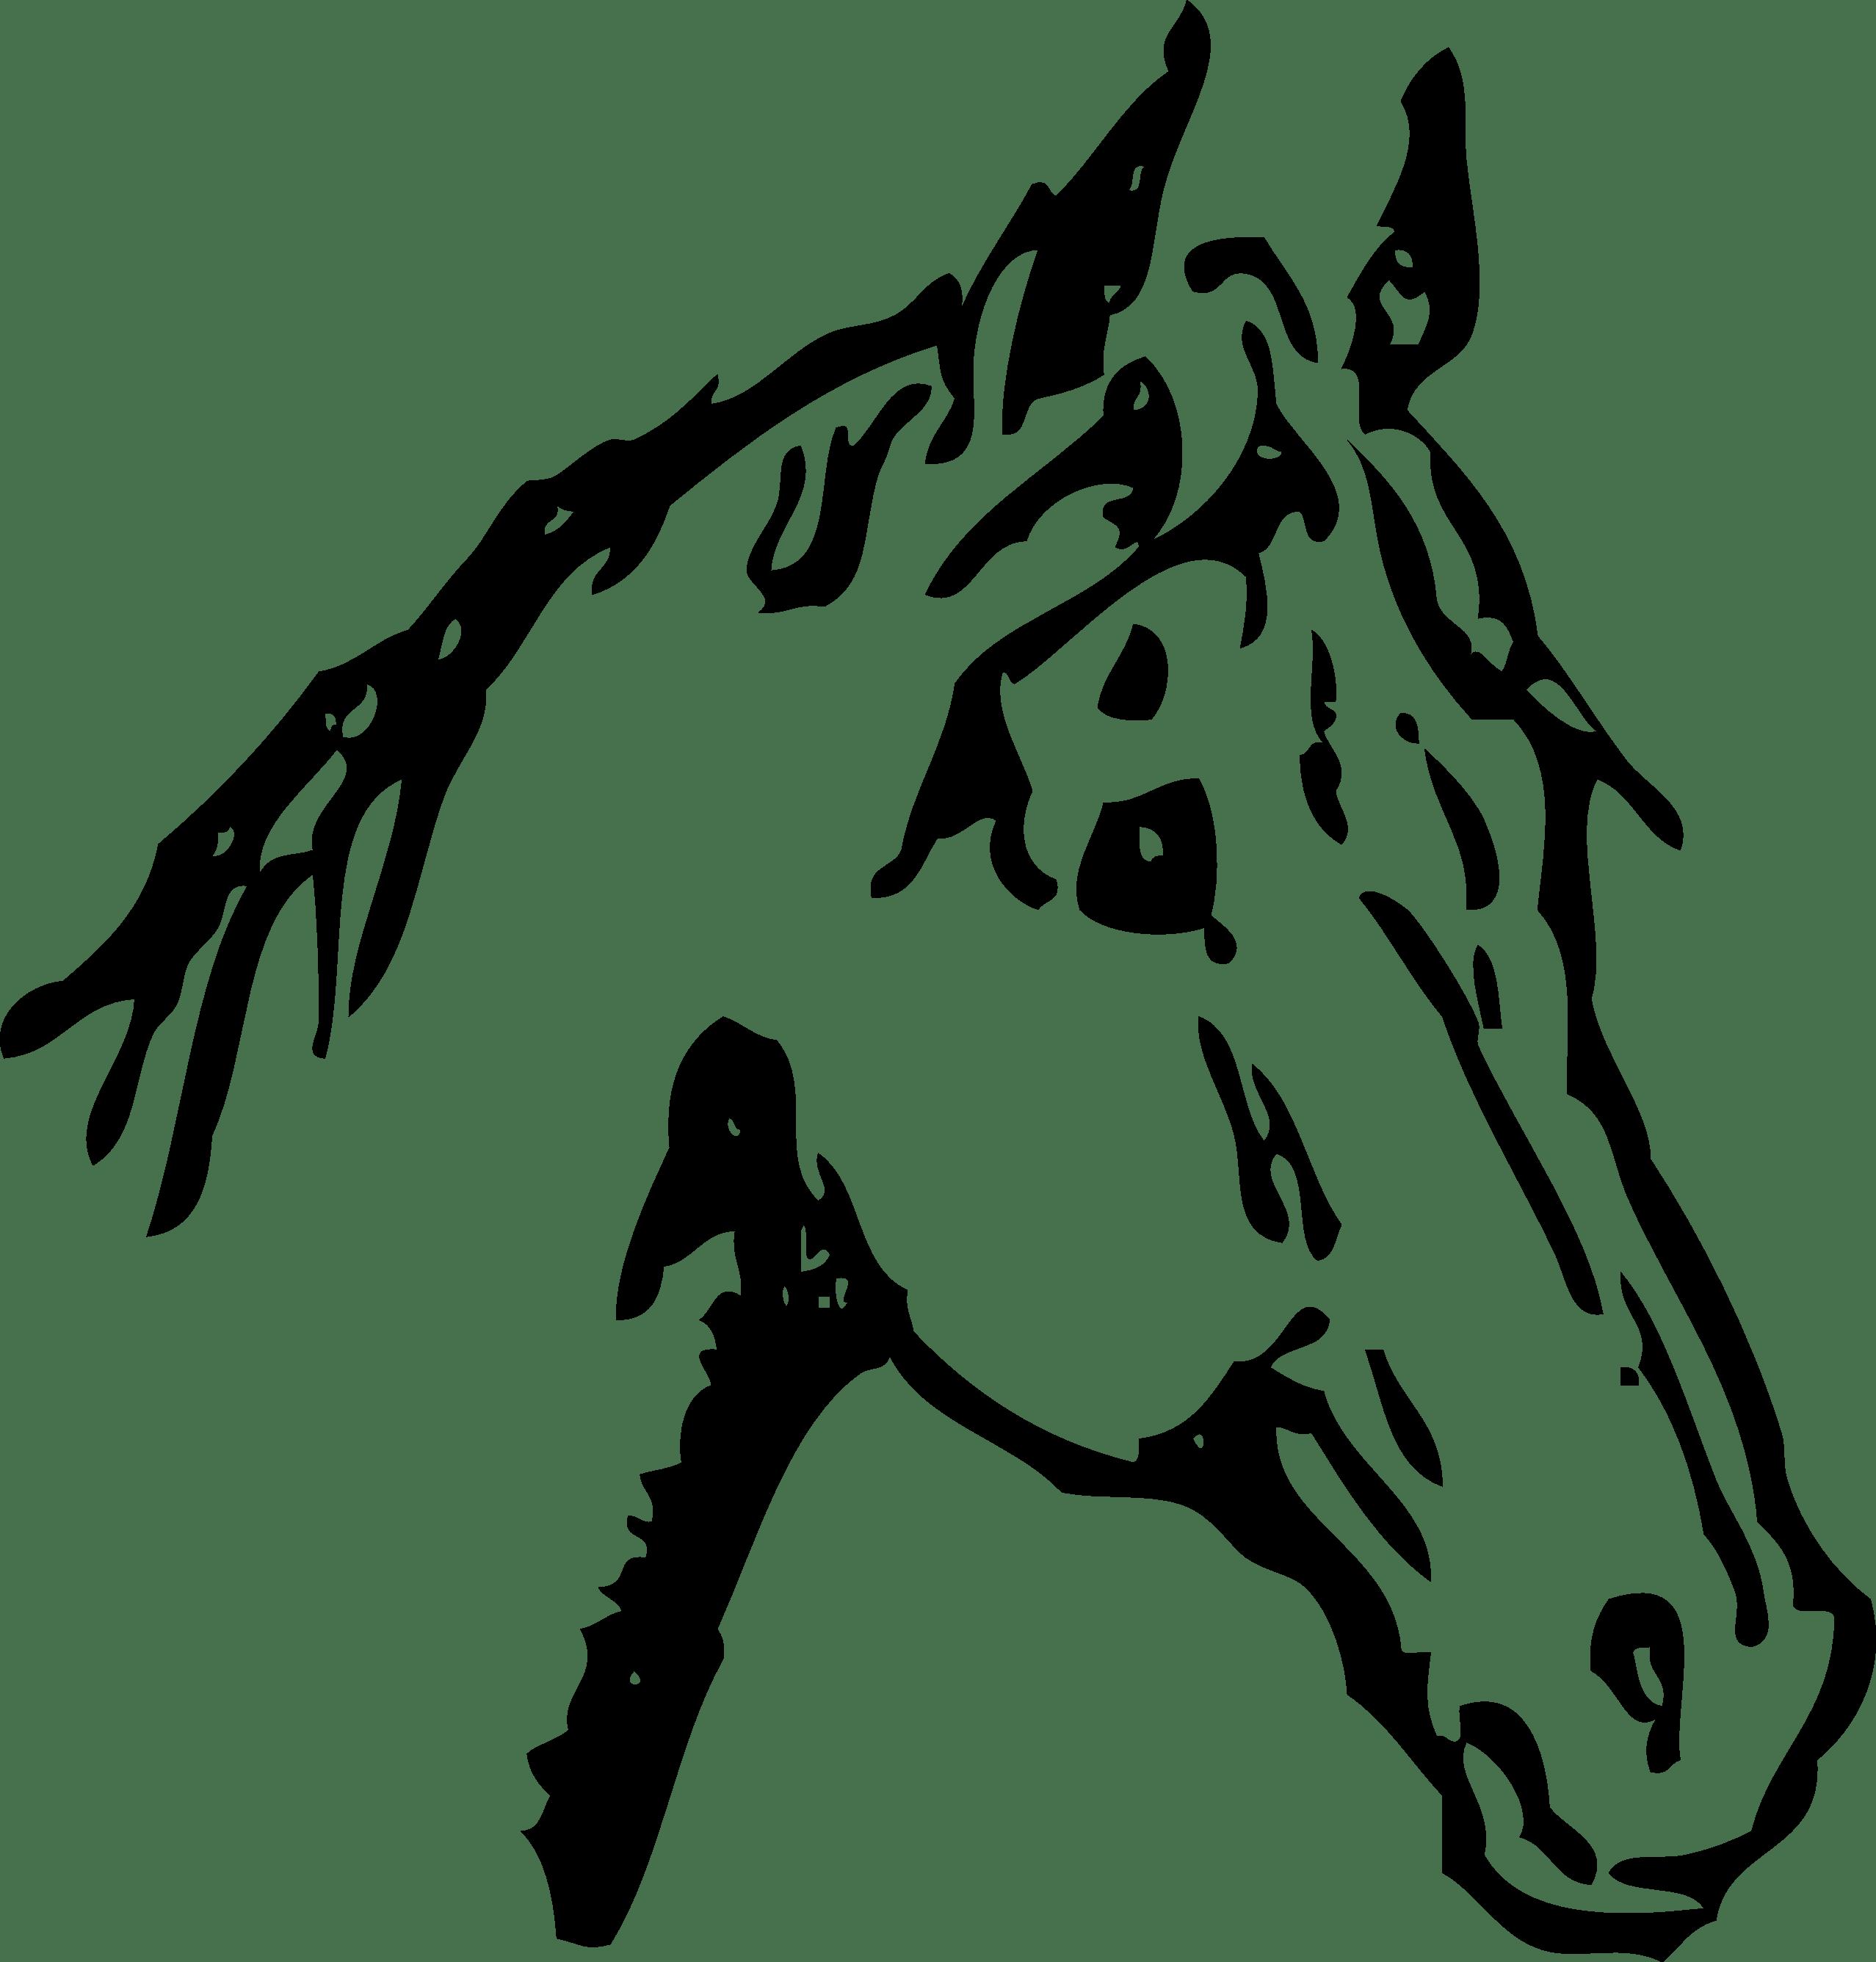 Head clip art image. Clipart horse quarter horse